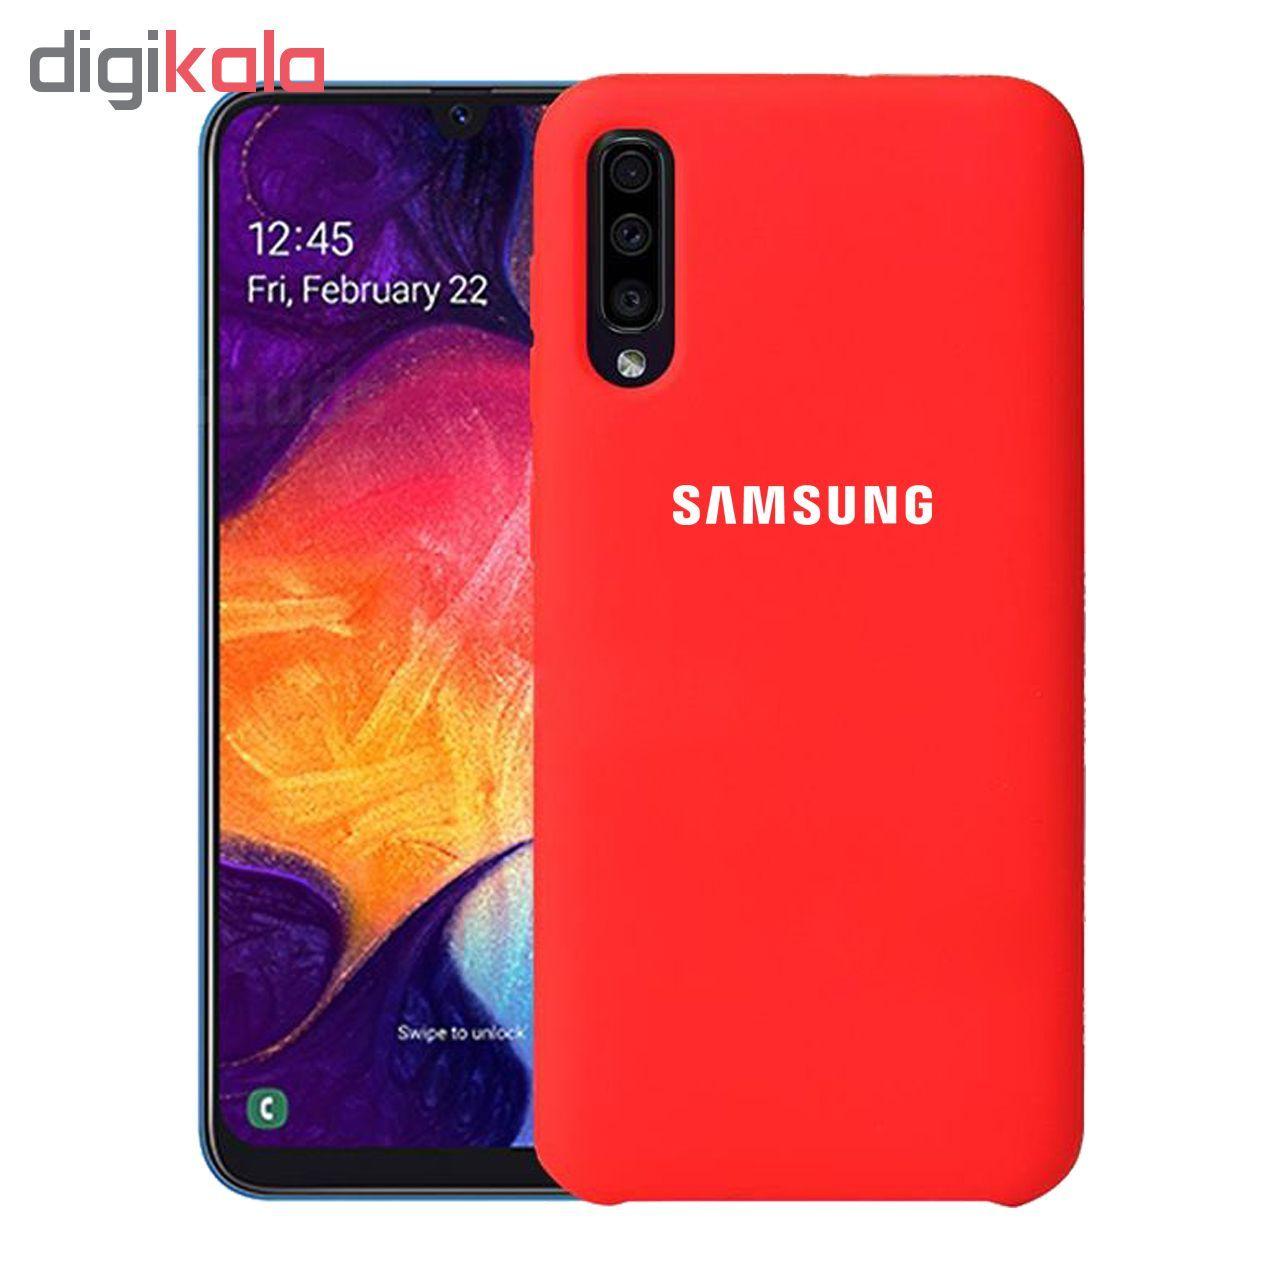 کاور سیلیکونی مدل Silky soft-touch مناسب برای گوشی موبایل سامسونگ Galaxy A50 main 1 2